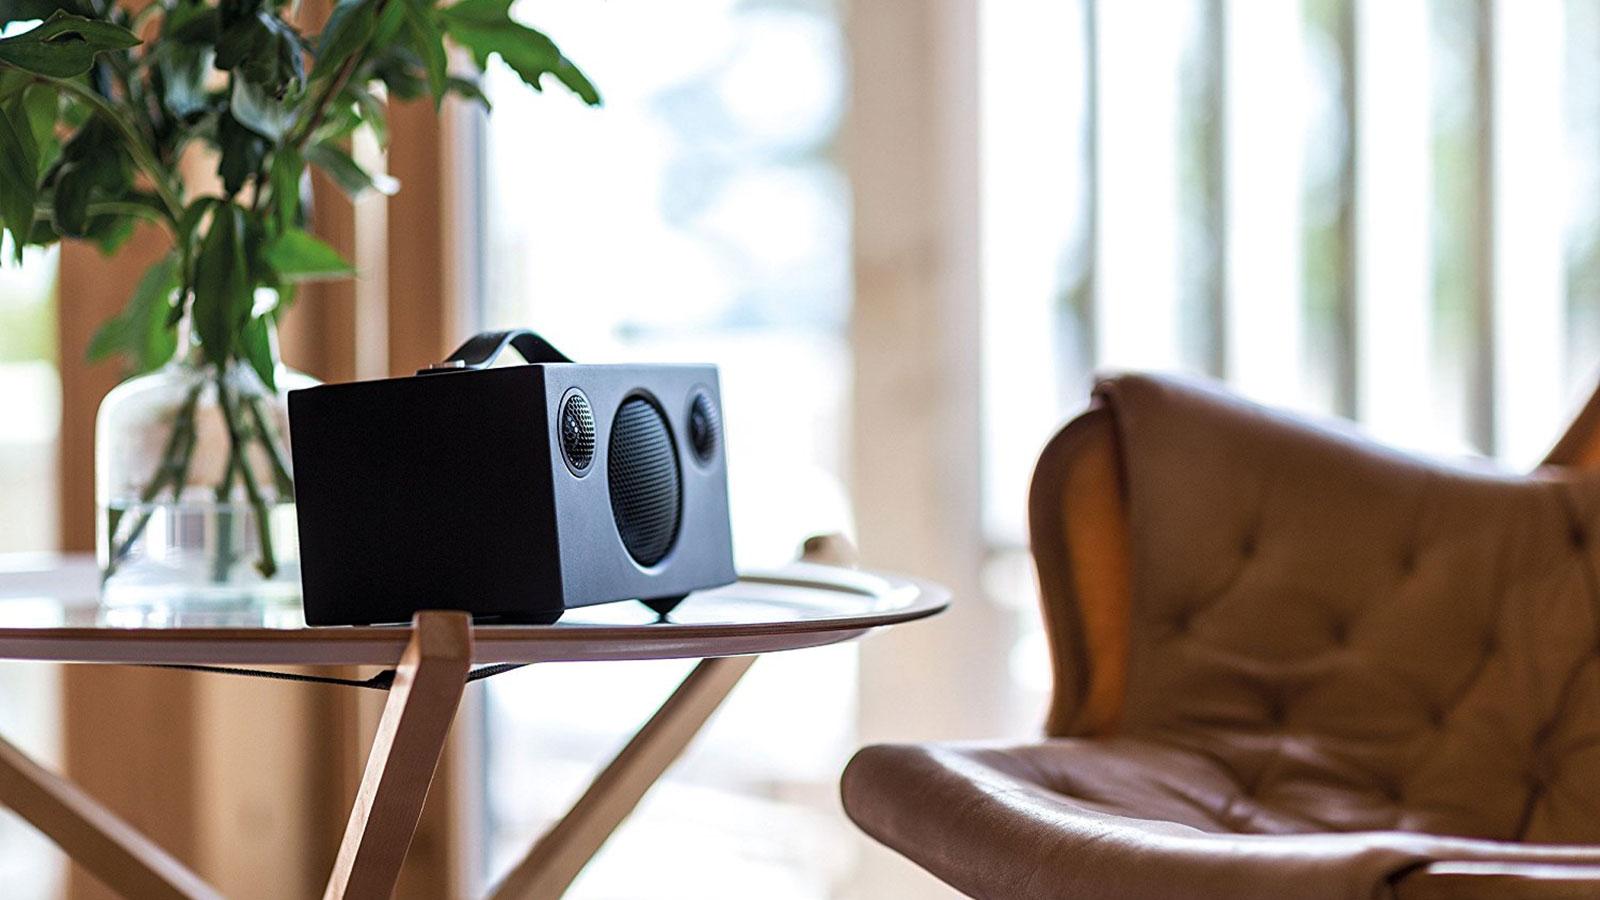 Addon Portable Speaker